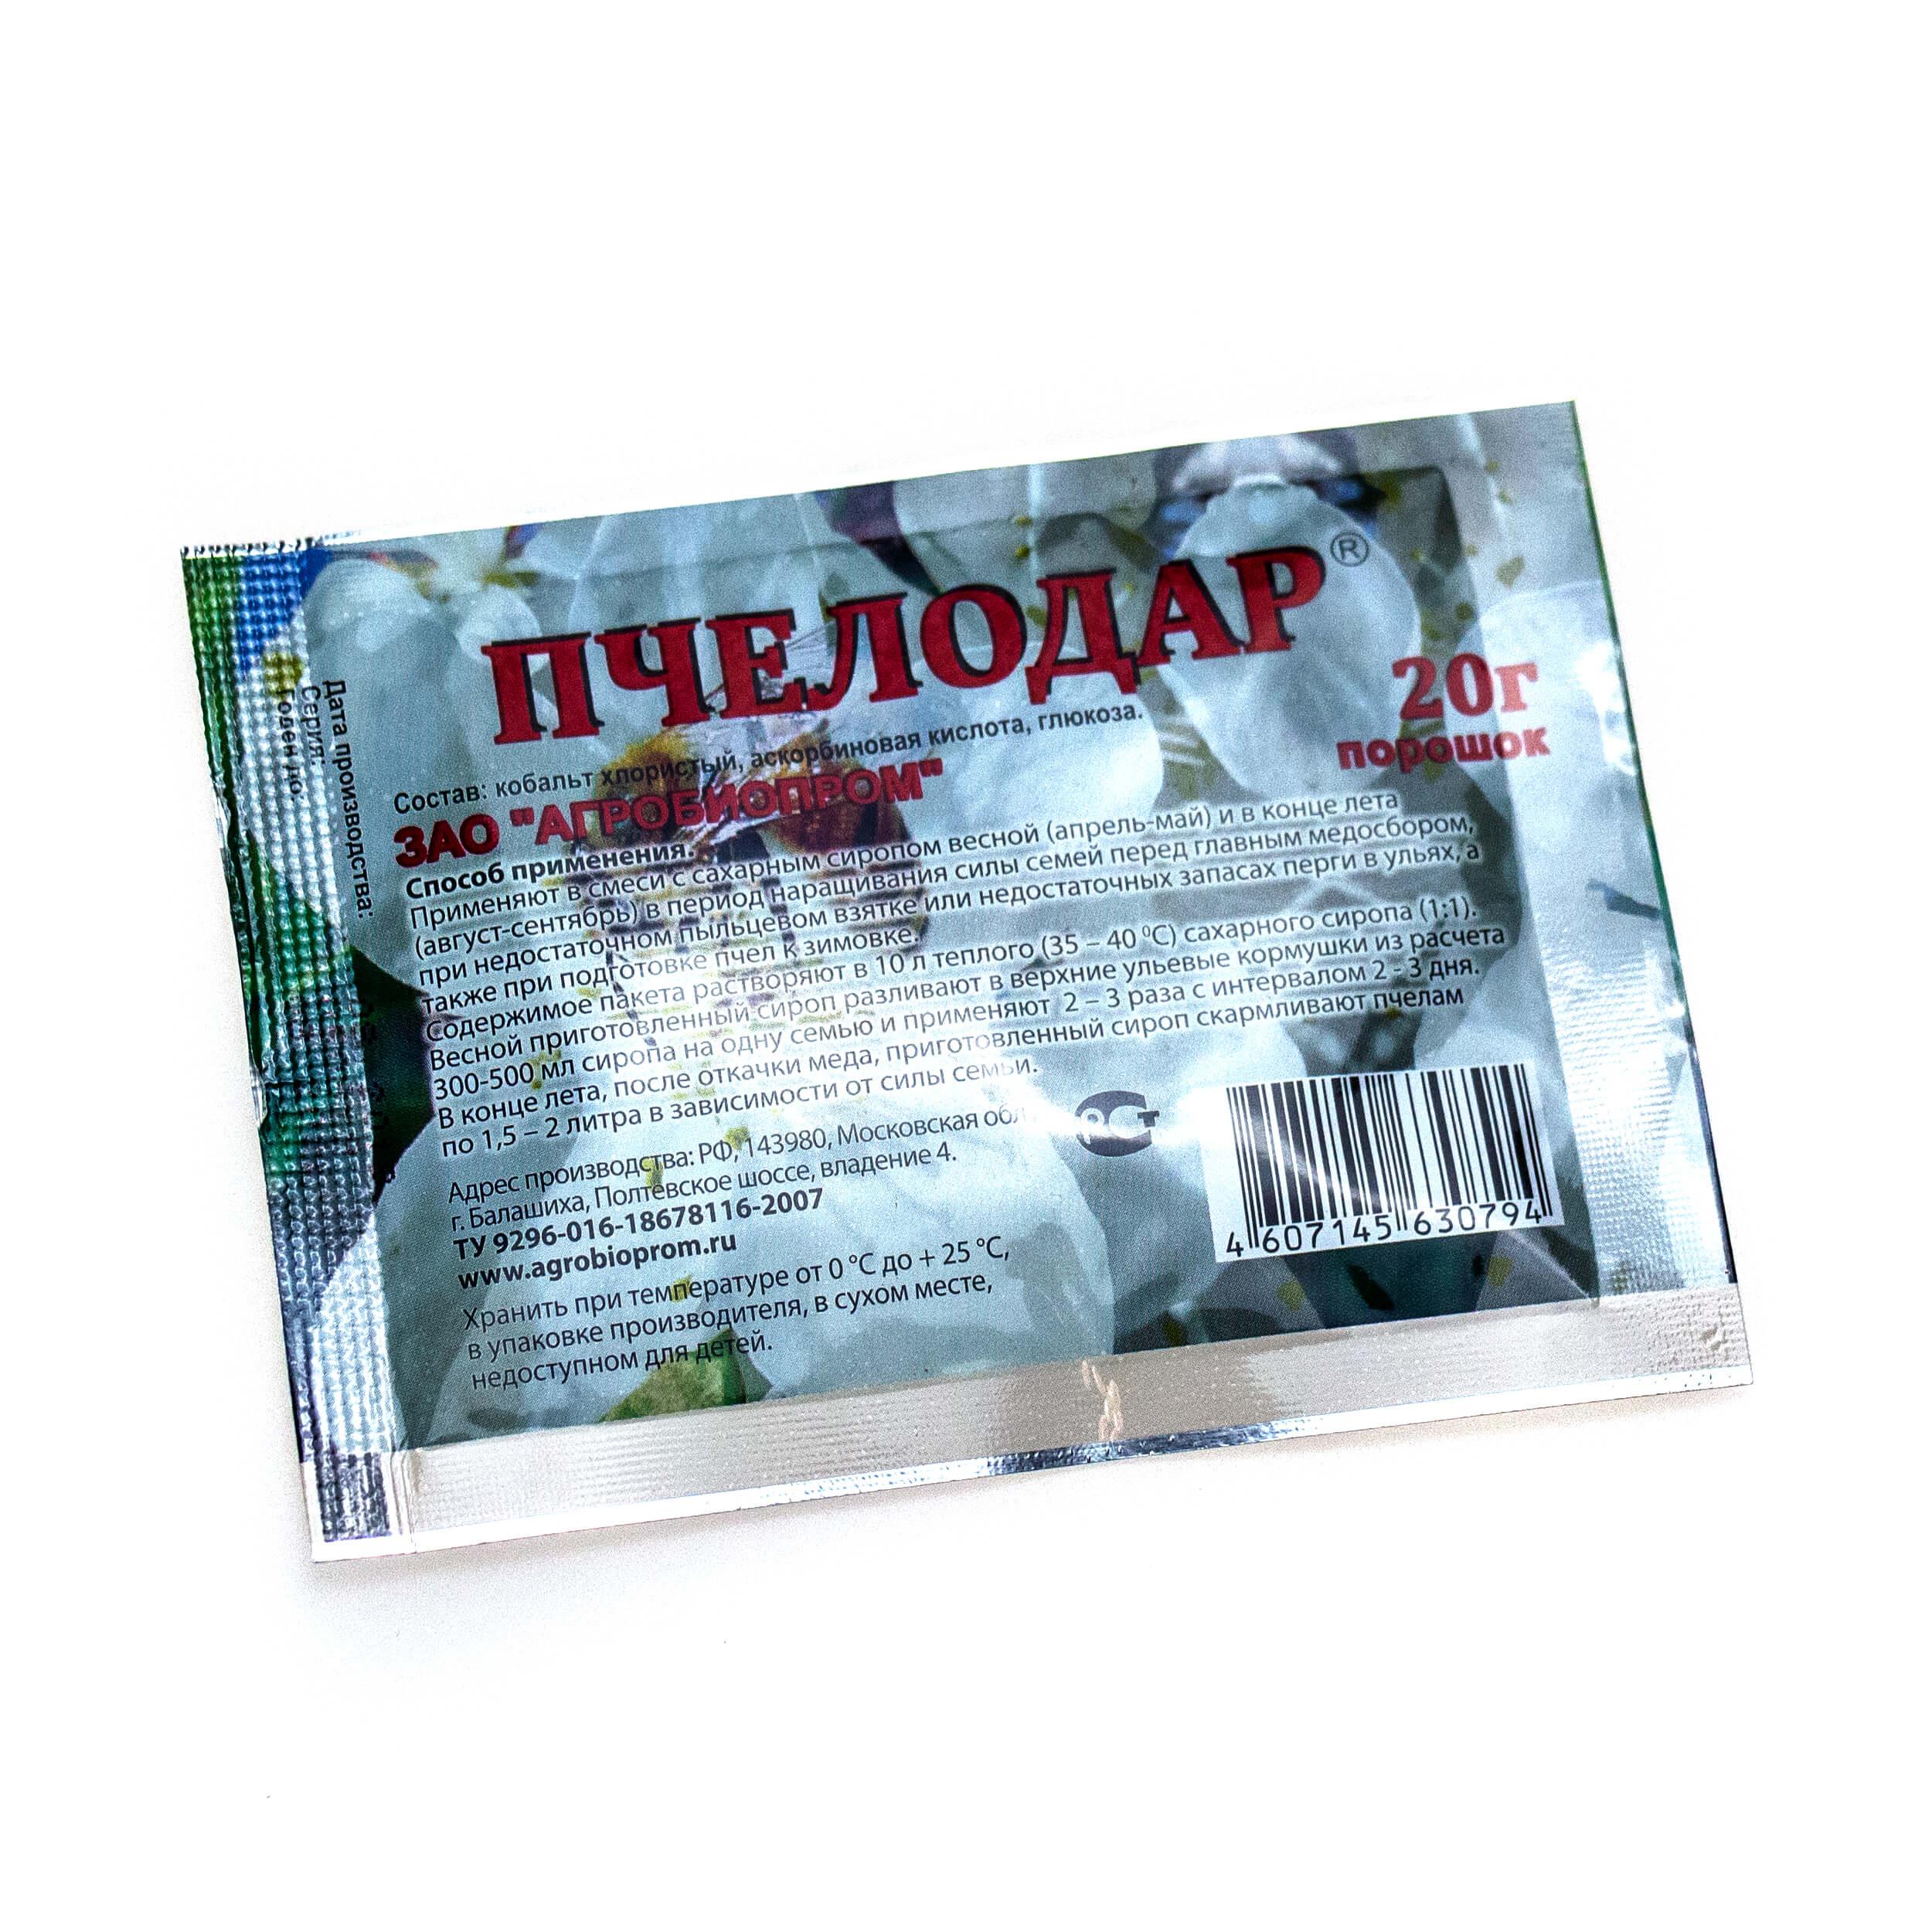 ПчелоДар (Порошок, 20 гр) фото